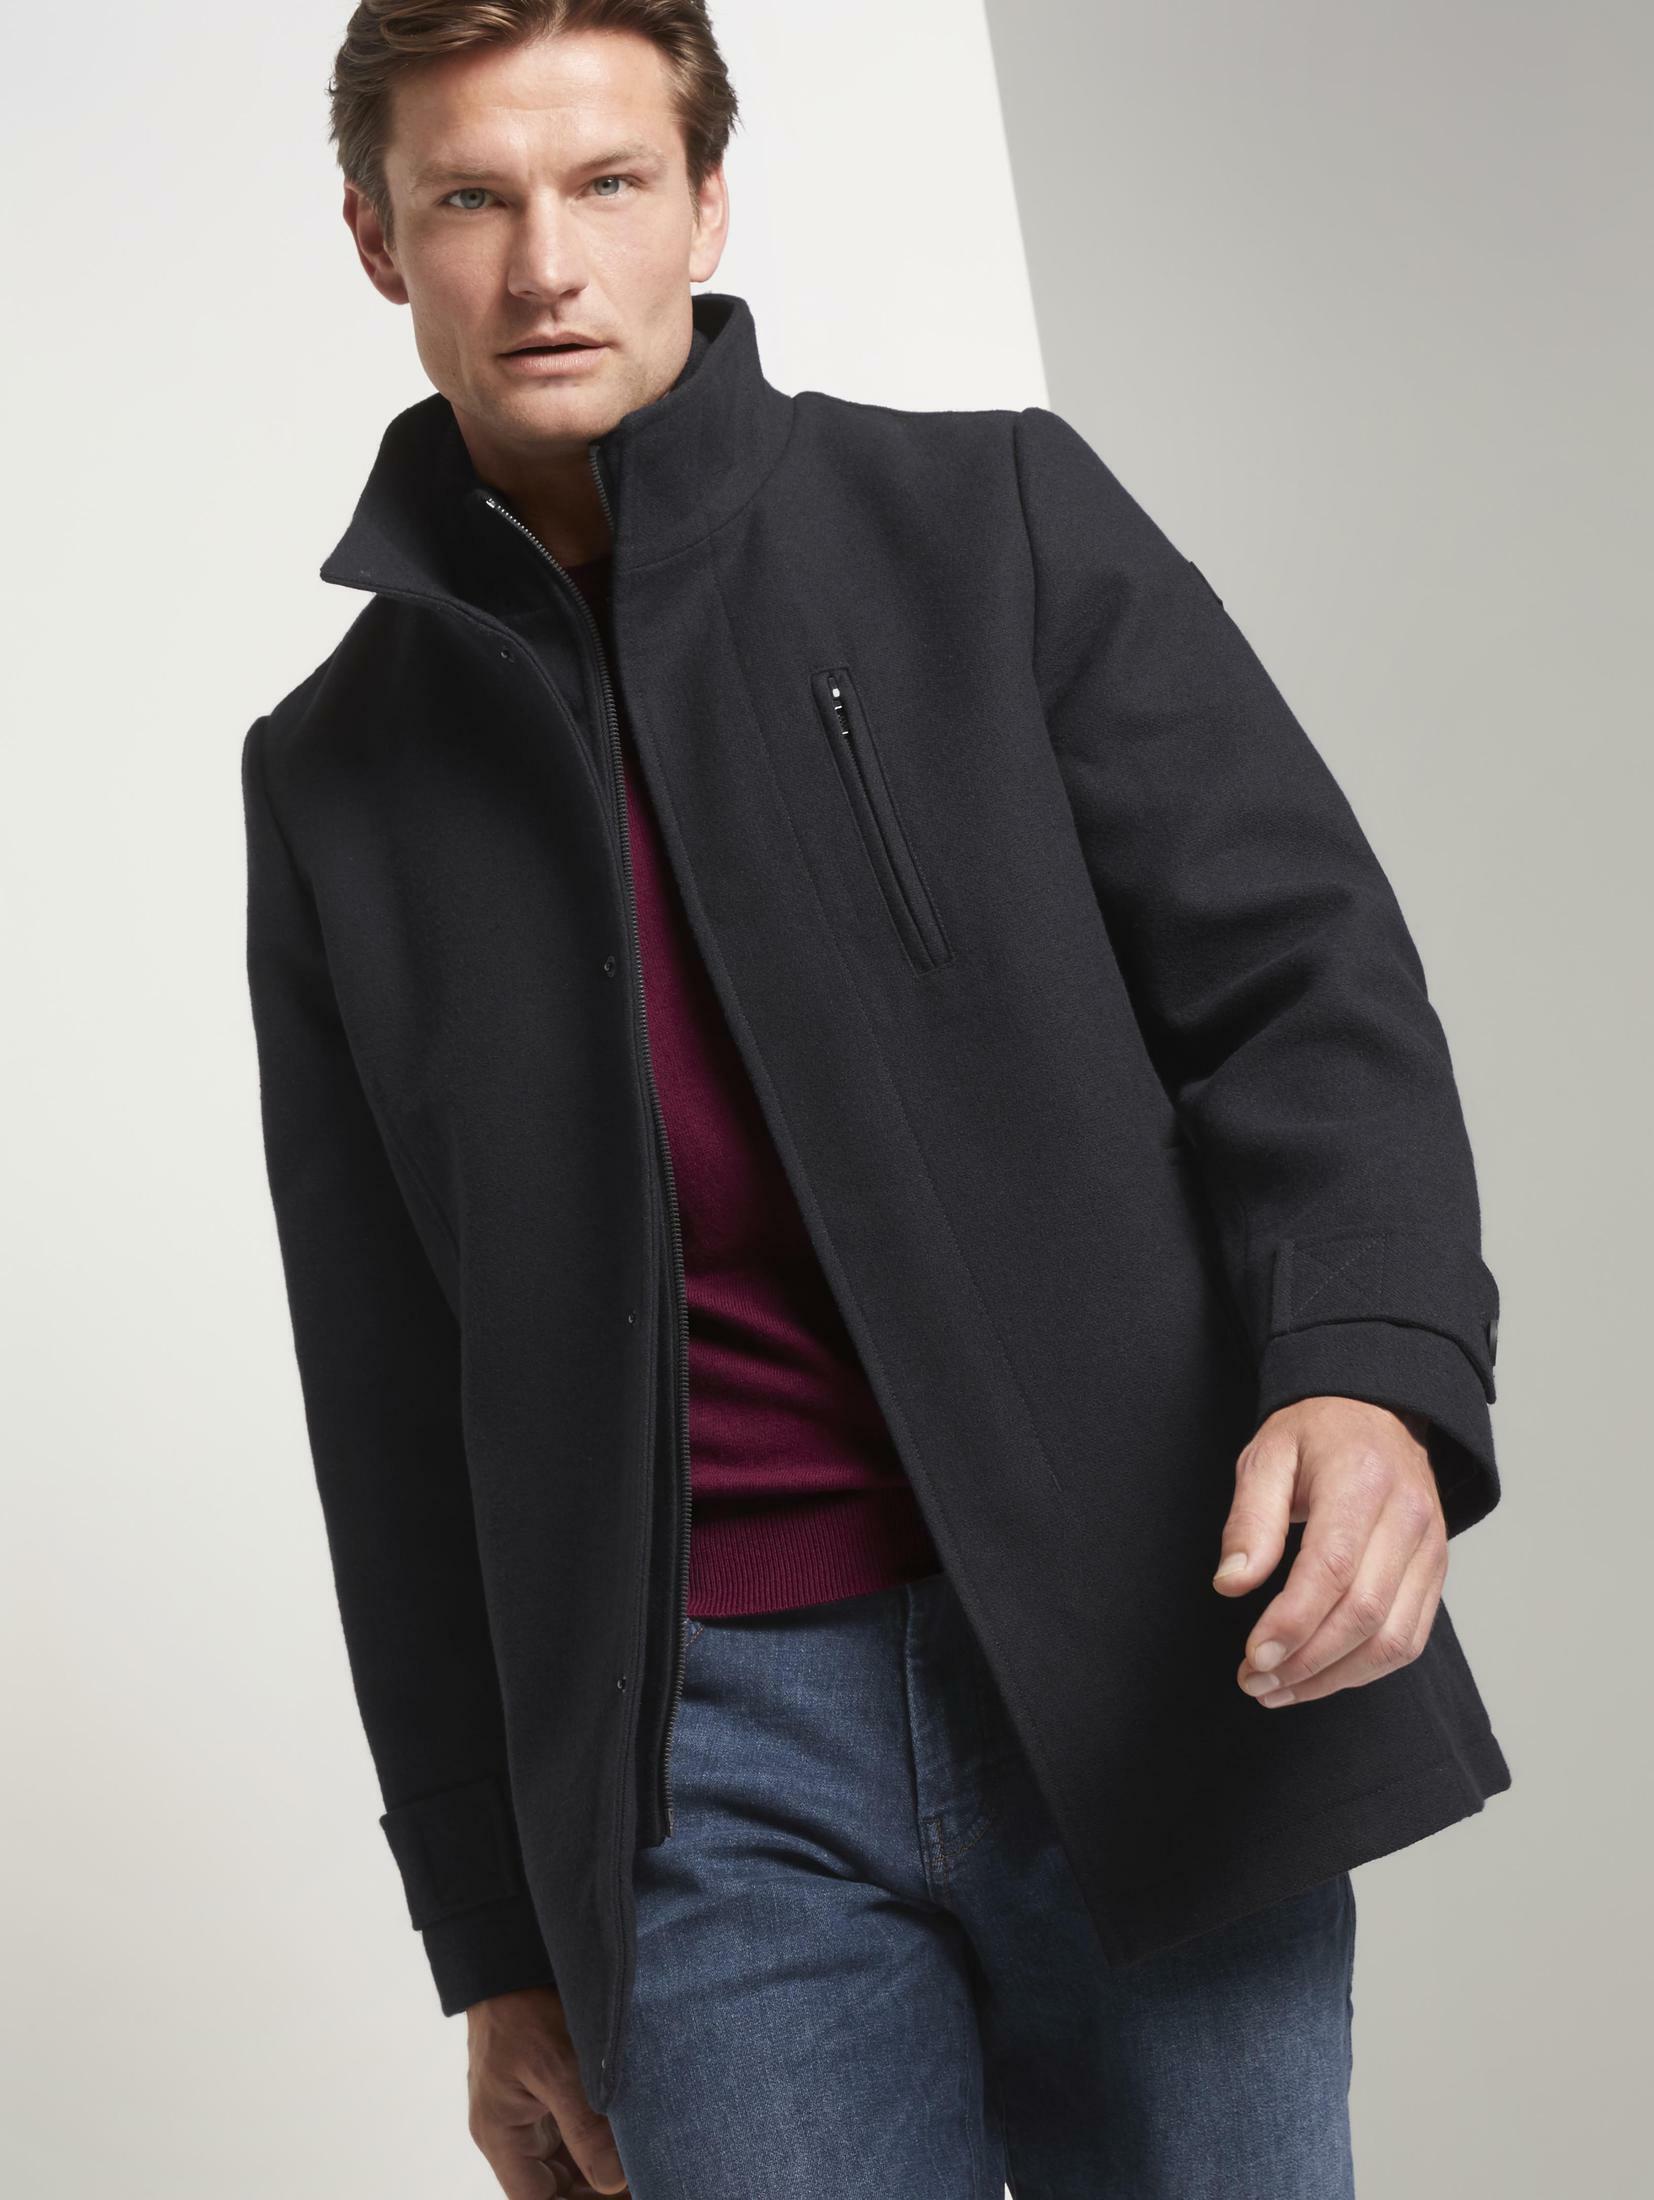 tom tailor -  Wintermantel Wollmantel mit Strickkragen